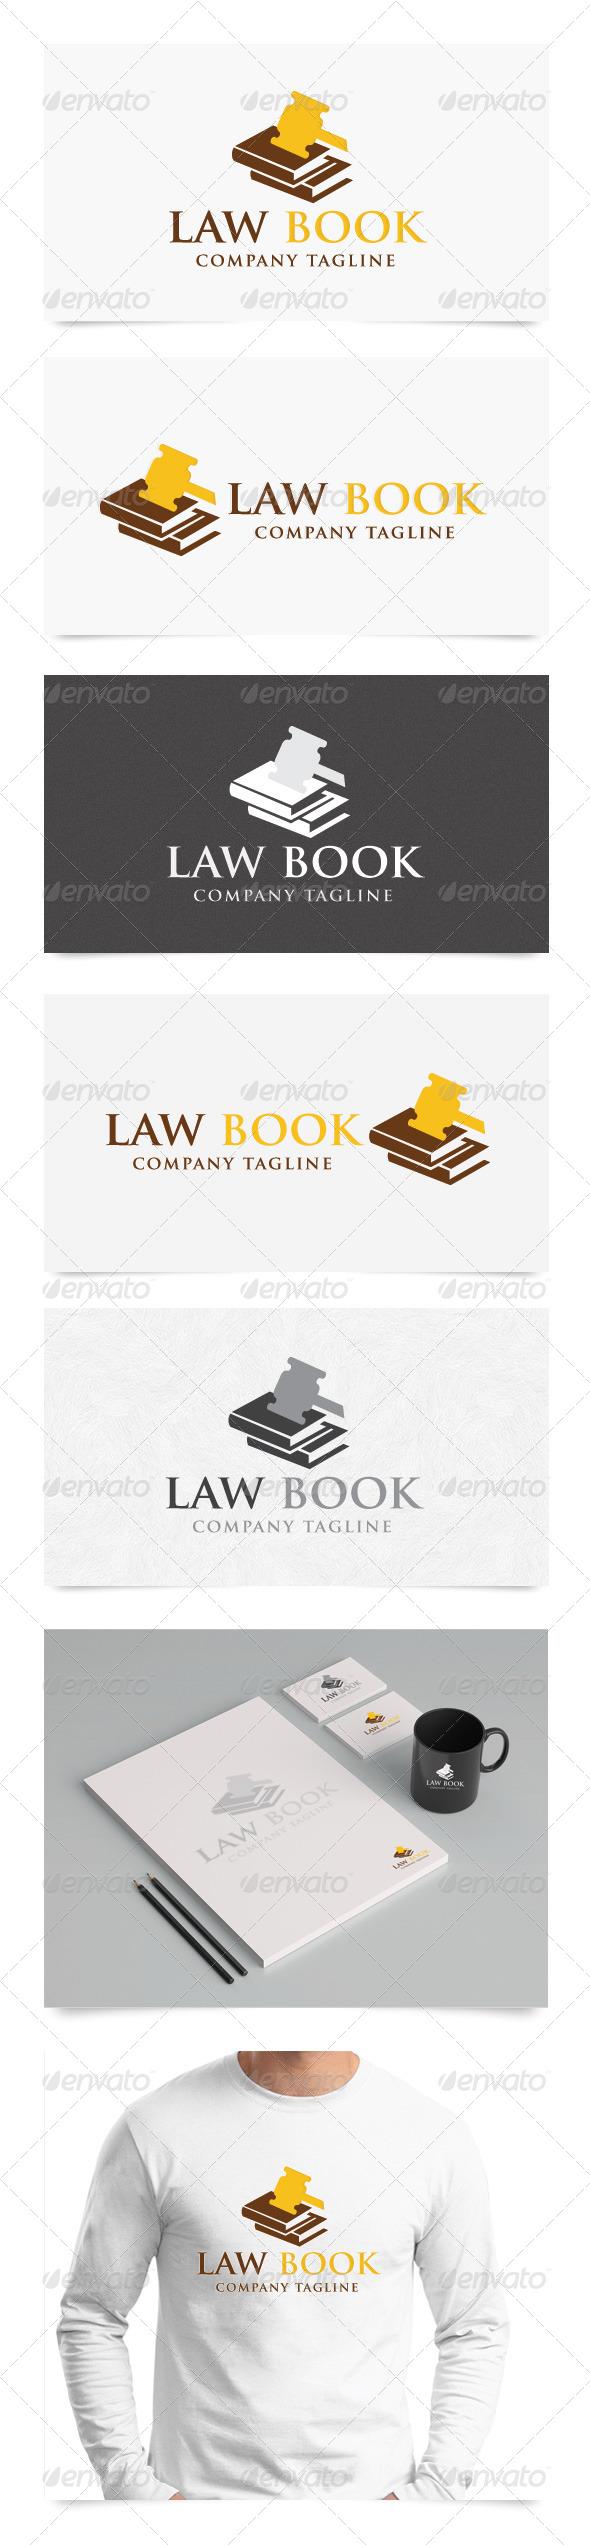 GraphicRiver Law Book 4782069